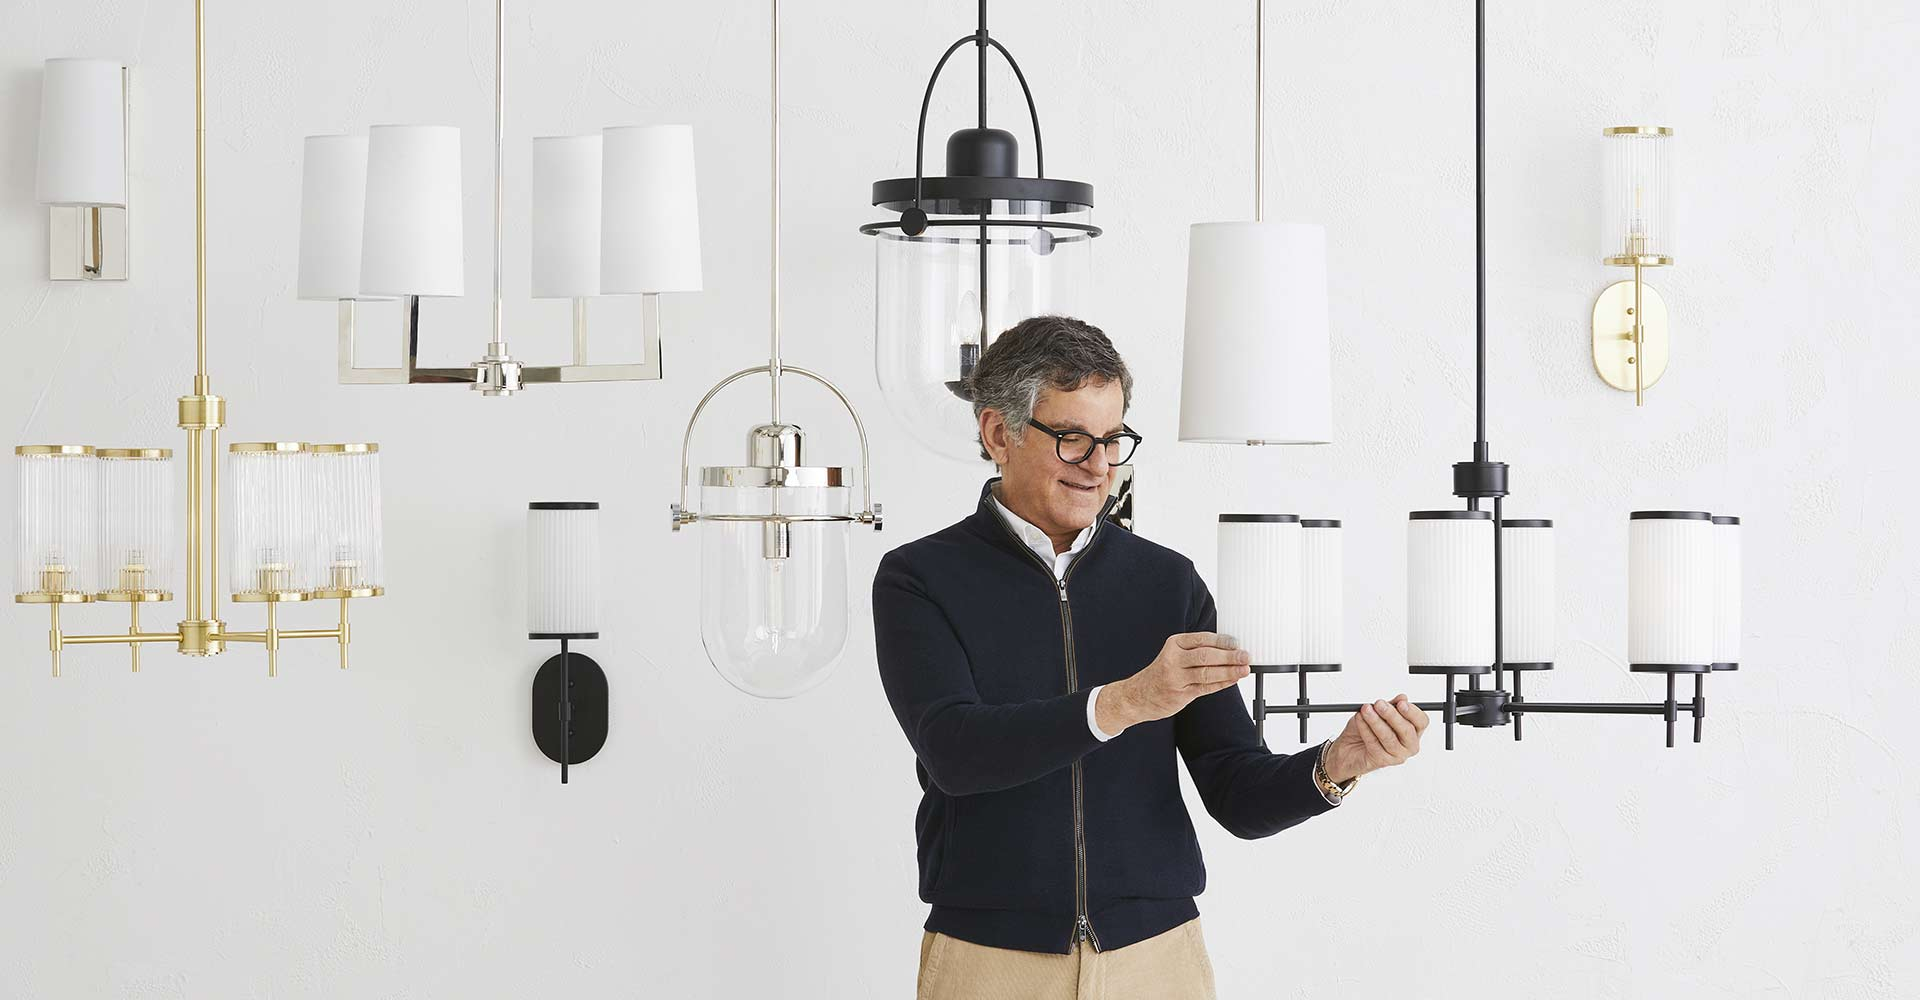 GlucksteinElements Lighting Collection